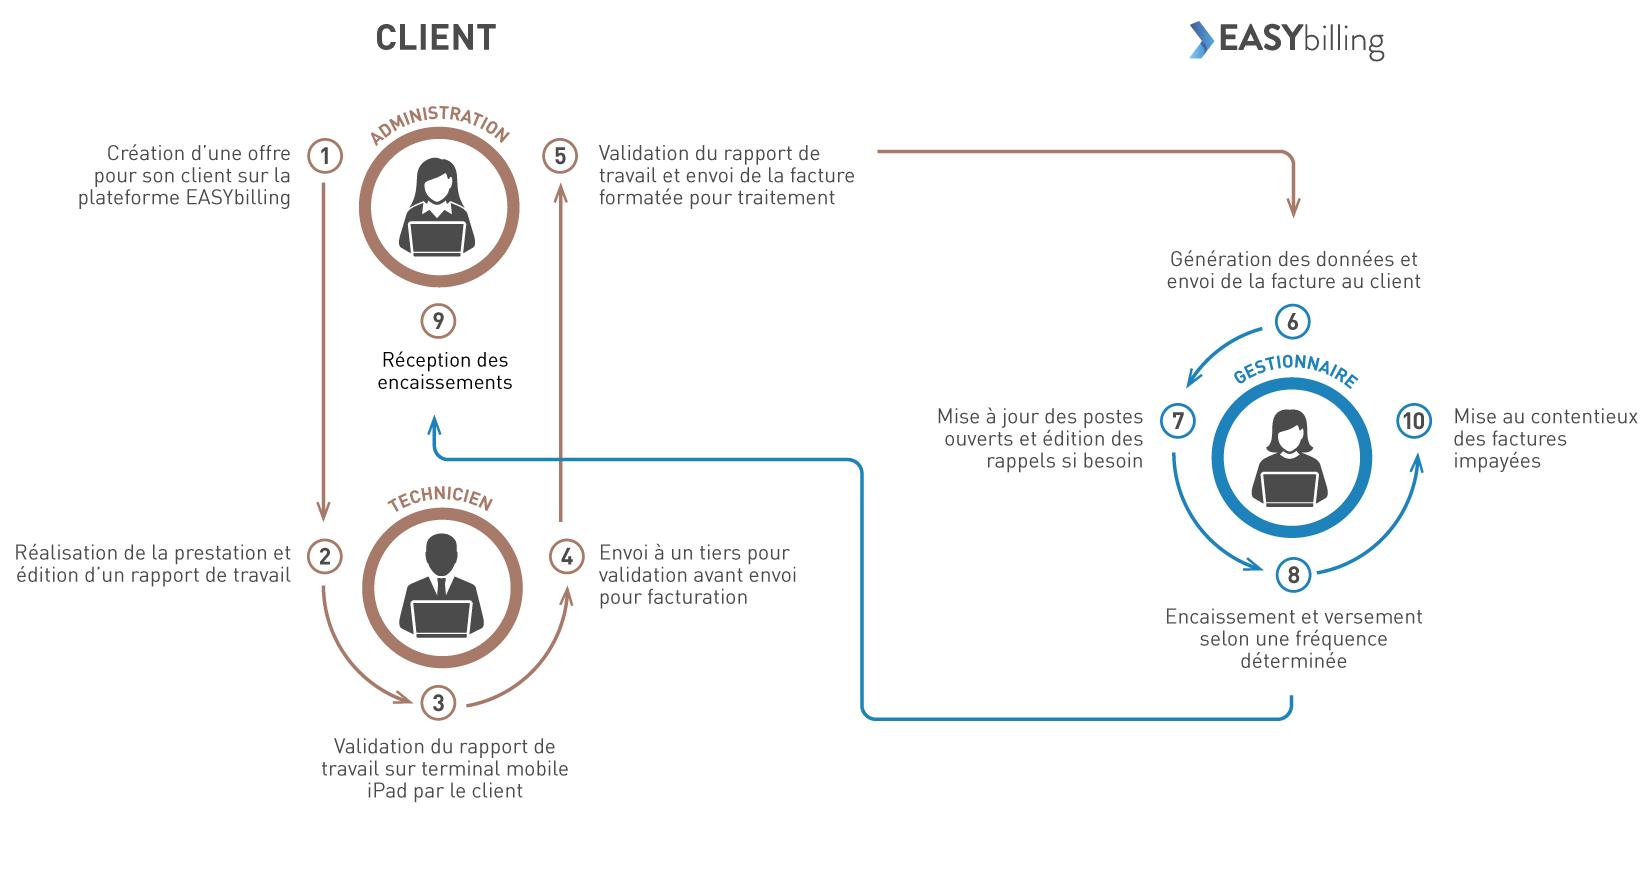 Un processus de facturation externalisé et simplifié